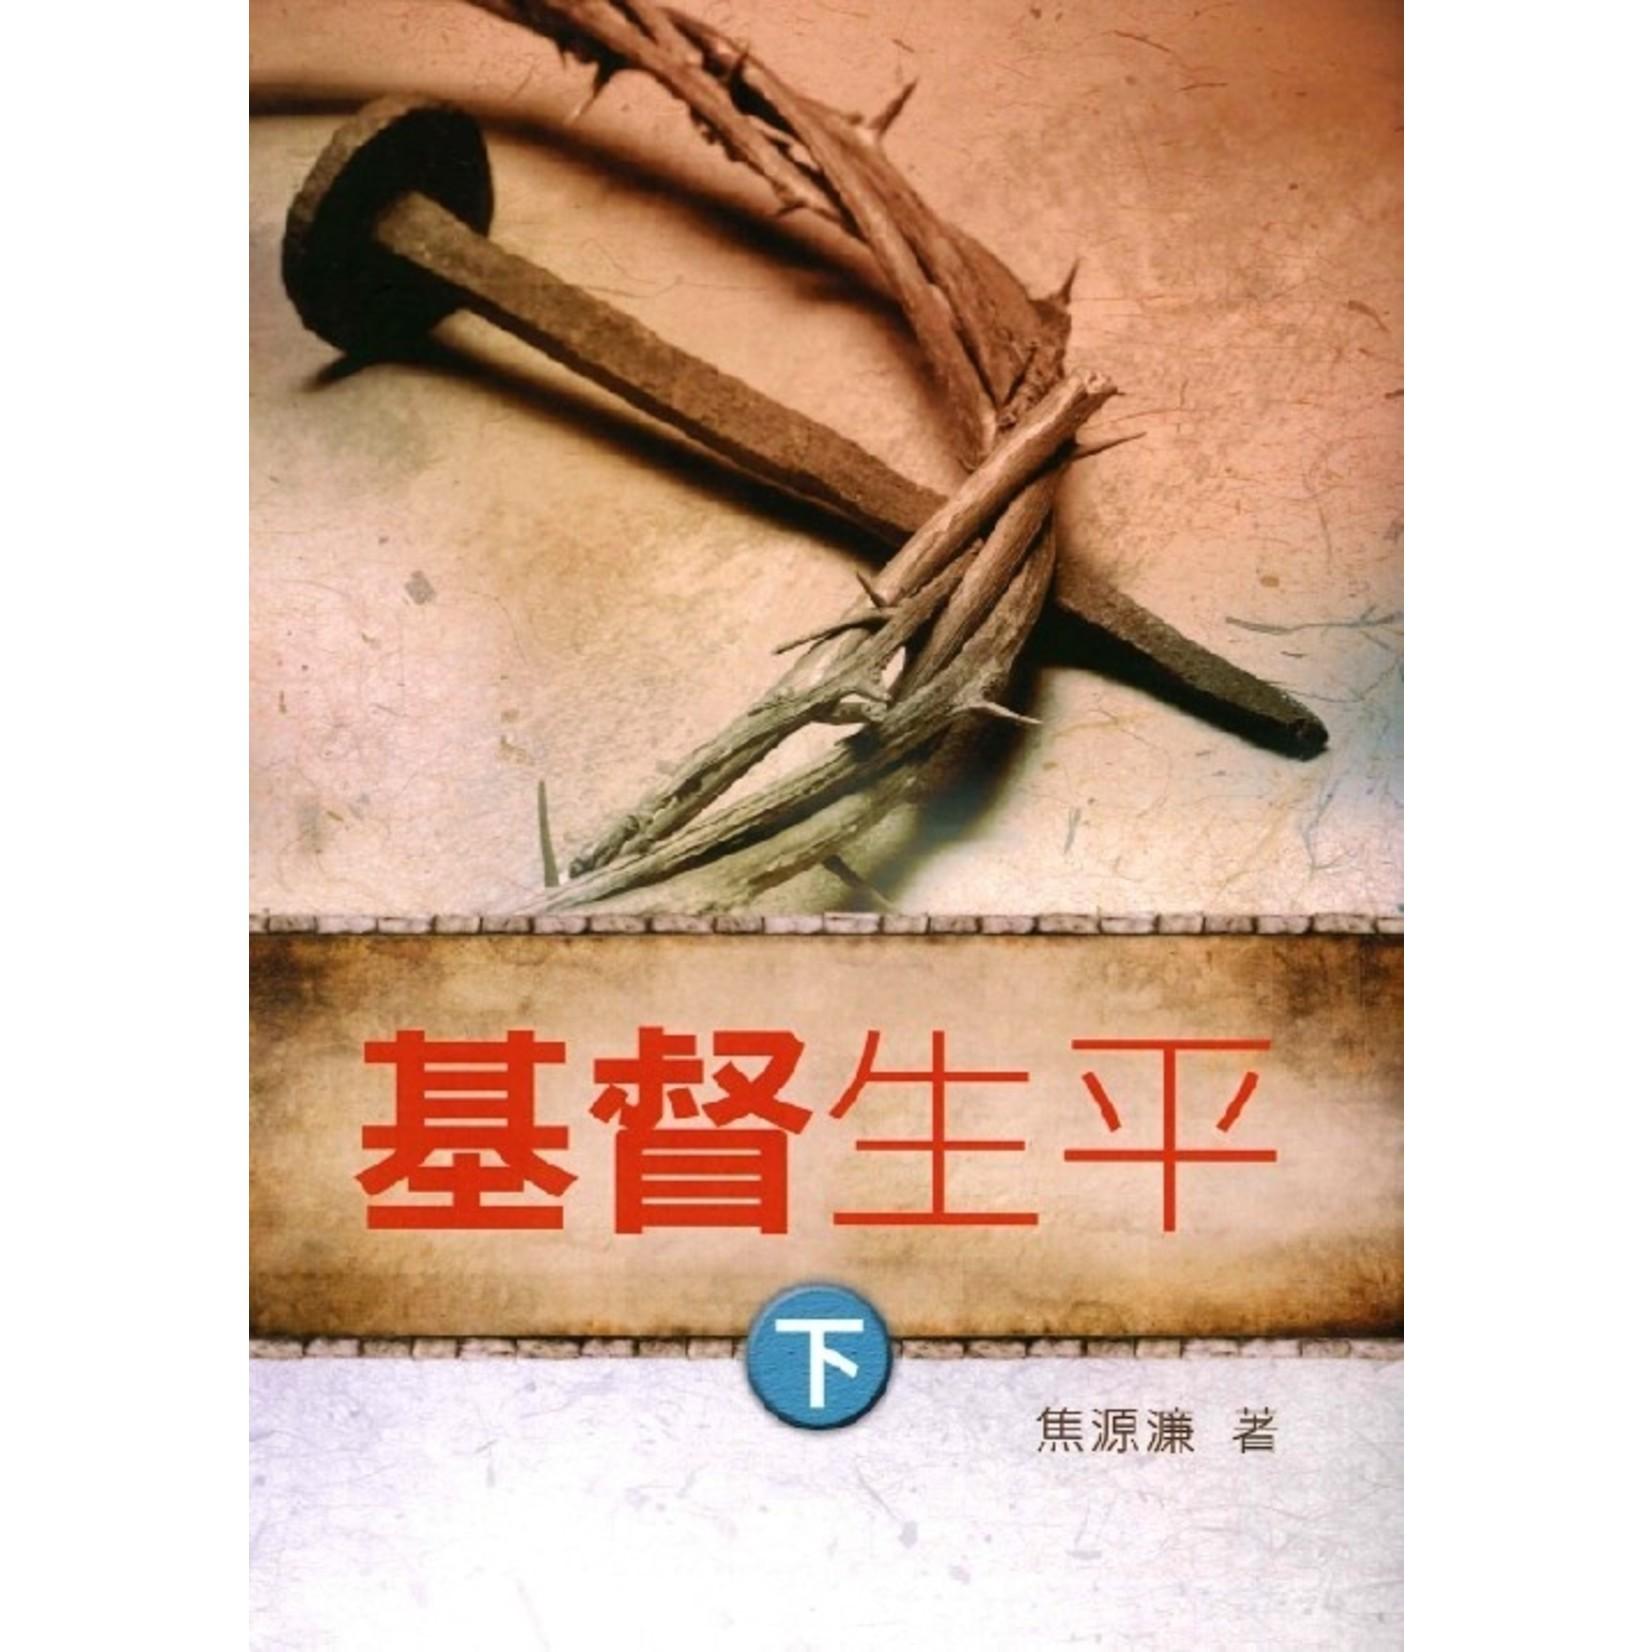 校園書房 Campus Books 基督生平(下)(上下冊不分售)